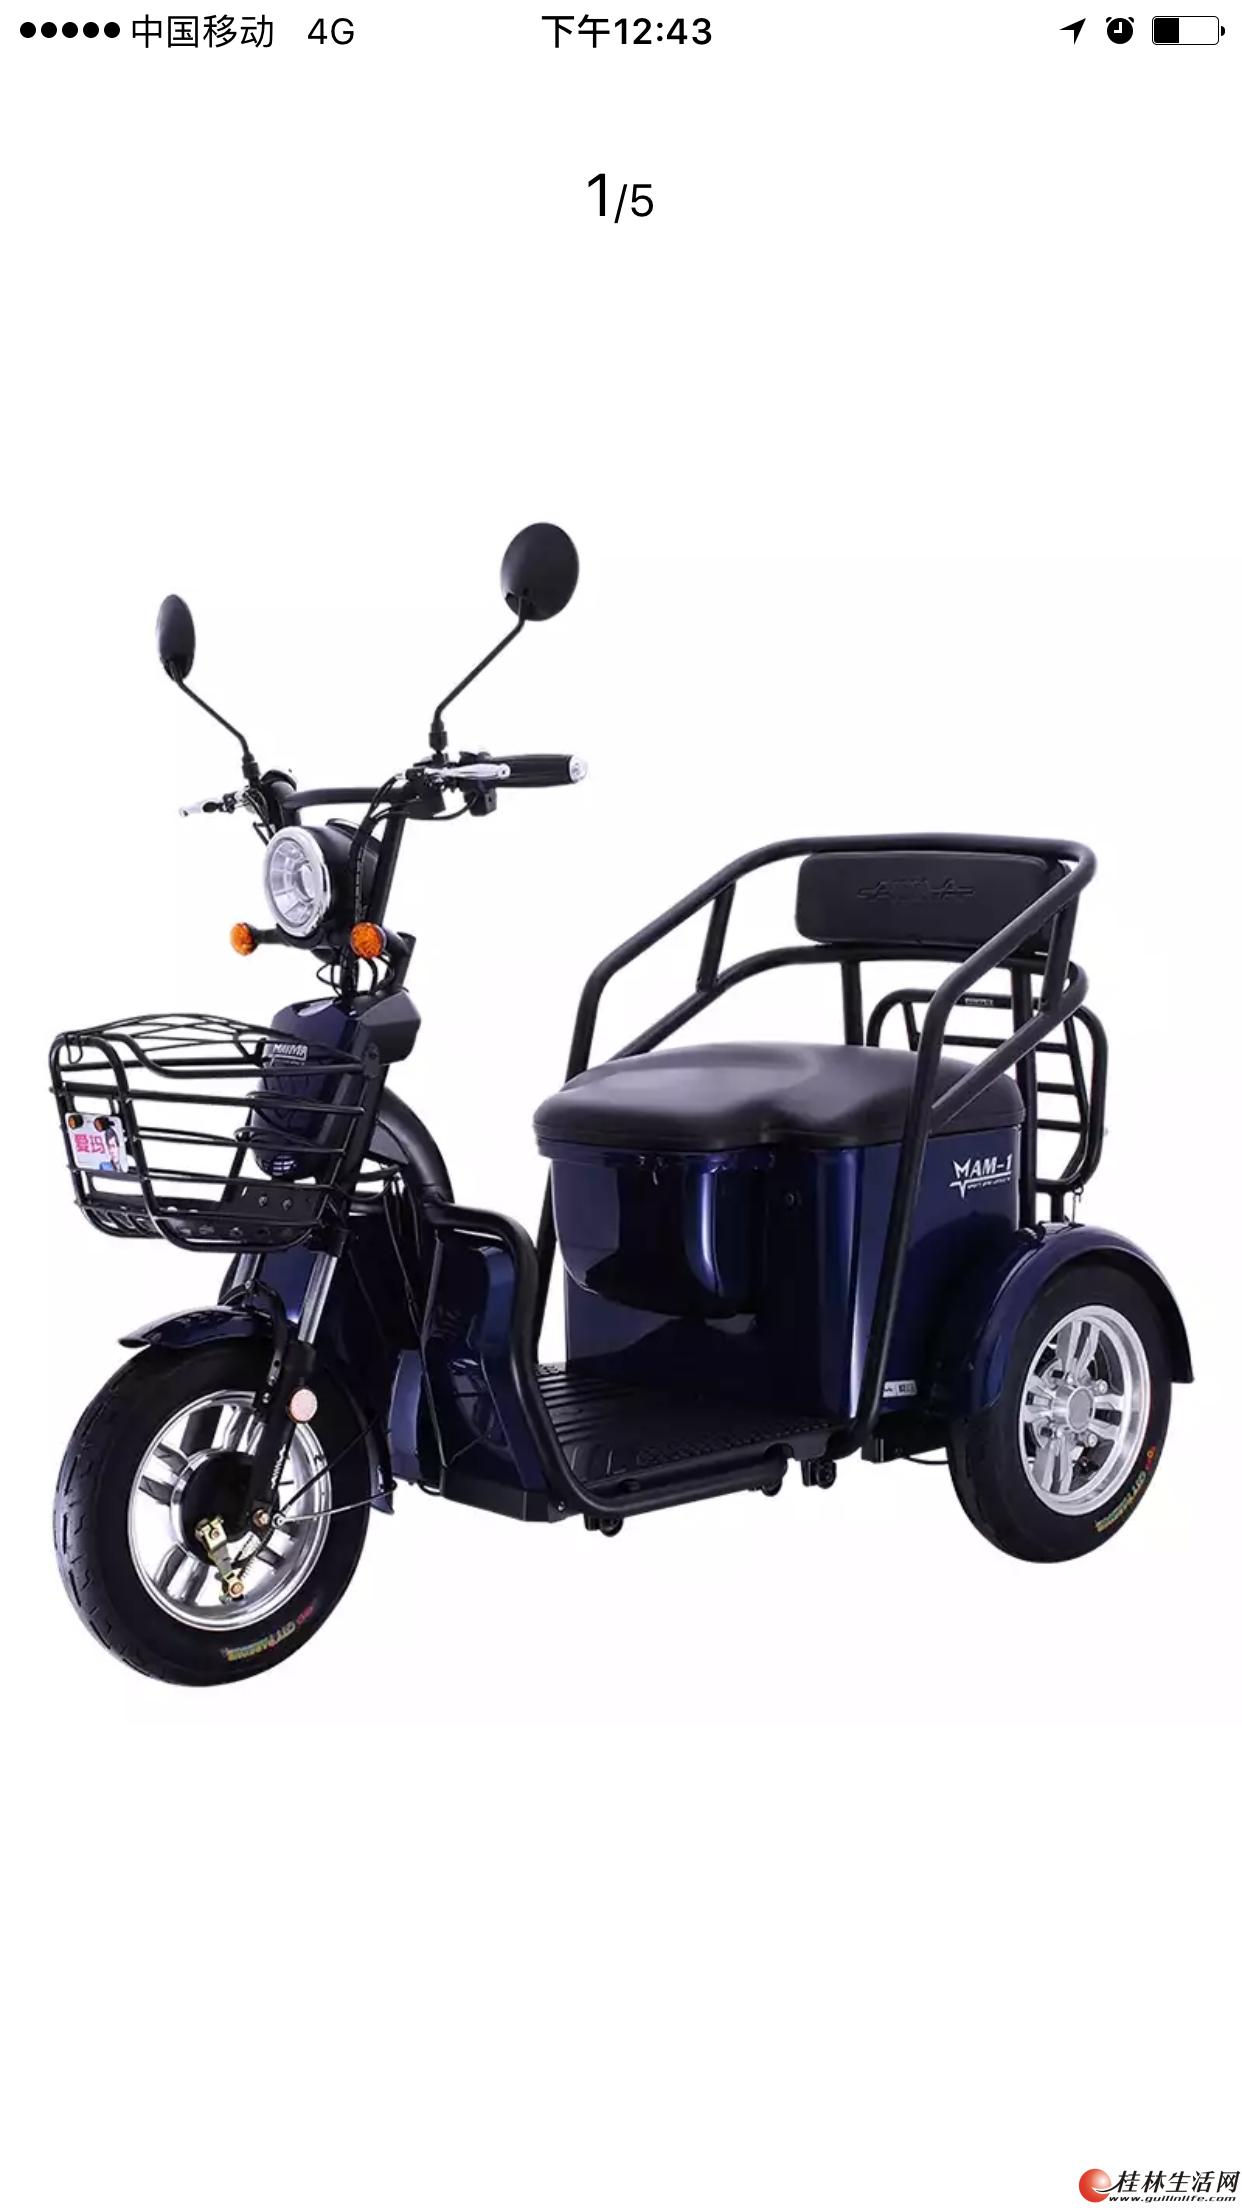 爱玛电动三轮车转让带筐置物架接送小孩买菜实用